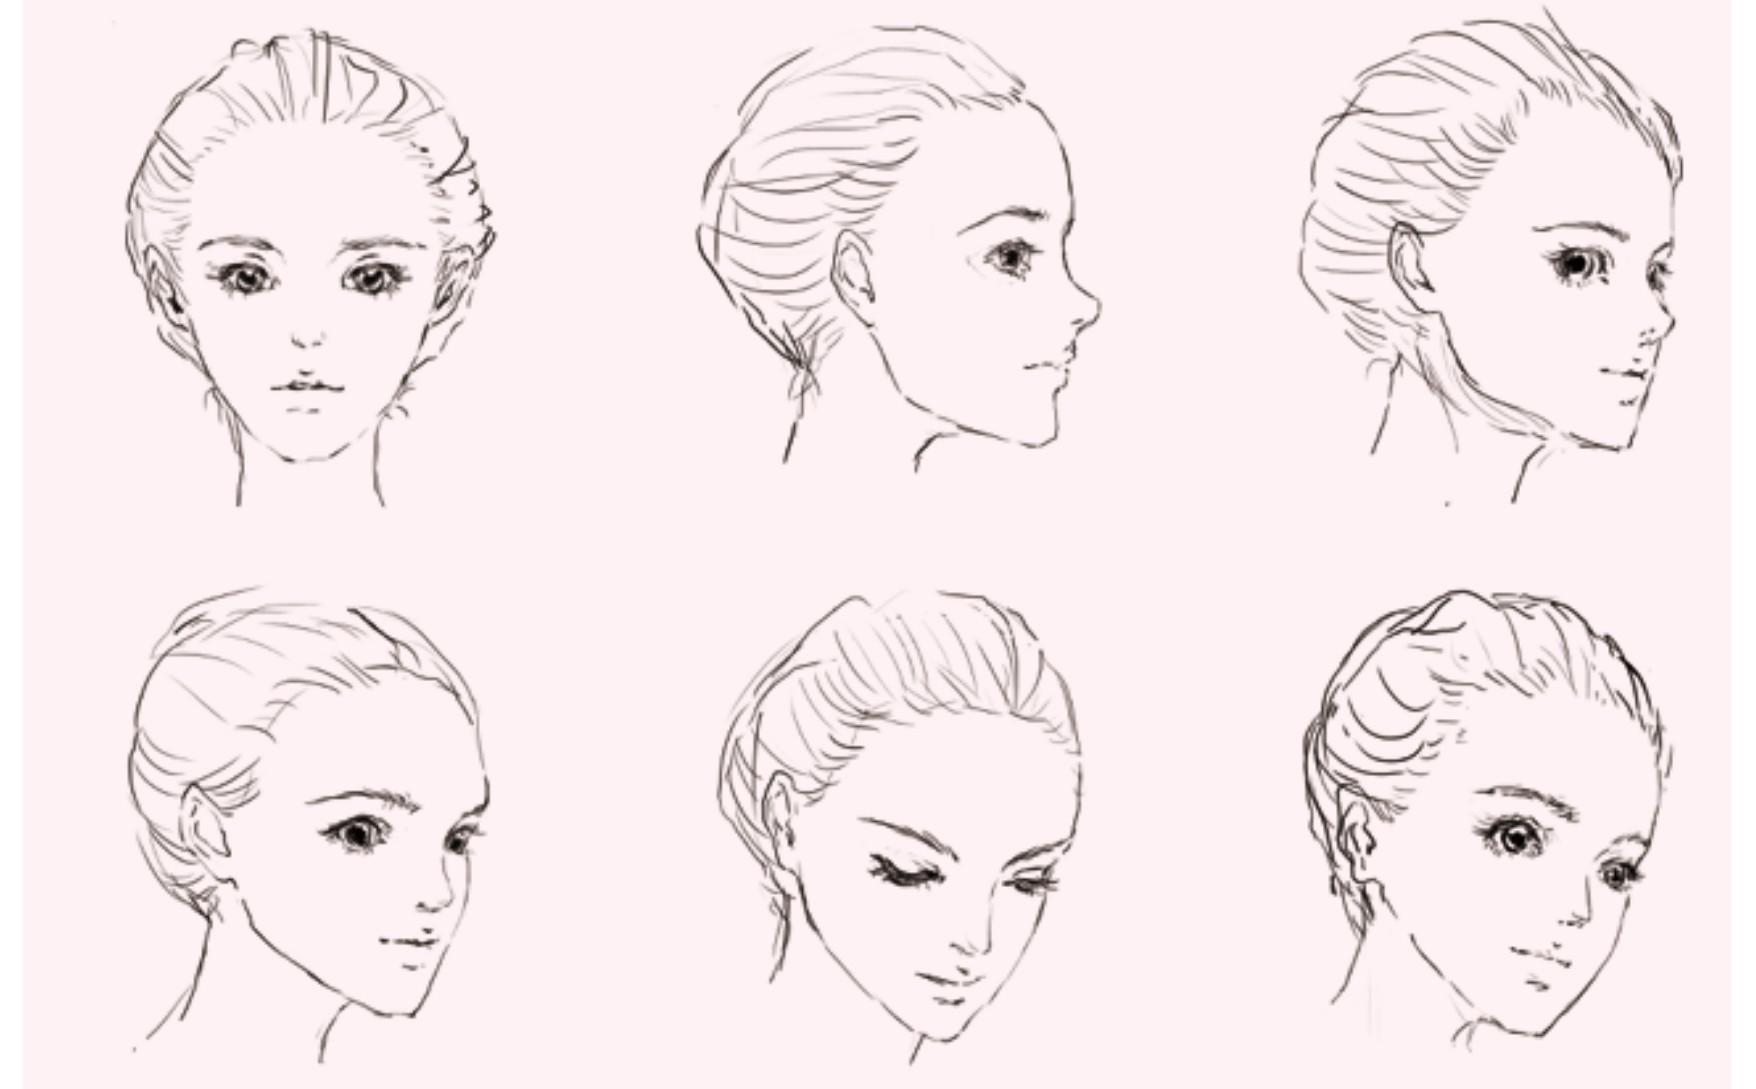 学习目的:了解脸部的基本形状以及五官的比例和位置。 人物的画法也要遵循基本的先整体后局部的顺序。在具体学习绘制五官之前,务必要先知道其位置和大小。不妨先用正面头像来研究一下脸型和五官的整体比例与位置。  传统的三庭五眼五官位置及比例 只要是随手翻过人体解剖书或接受过基础素描训练的同学应该都听说过经典的三庭五眼法。所谓三庭五眼,是一句简单易懂的确定成人五官位置、比例的口诀。如上图,三庭指纵向三等分:发迹至眉毛;眉毛至鼻底;鼻底至下颏。五眼指横向五等分,两眼中间距离为一眼的宽度;两眼外侧